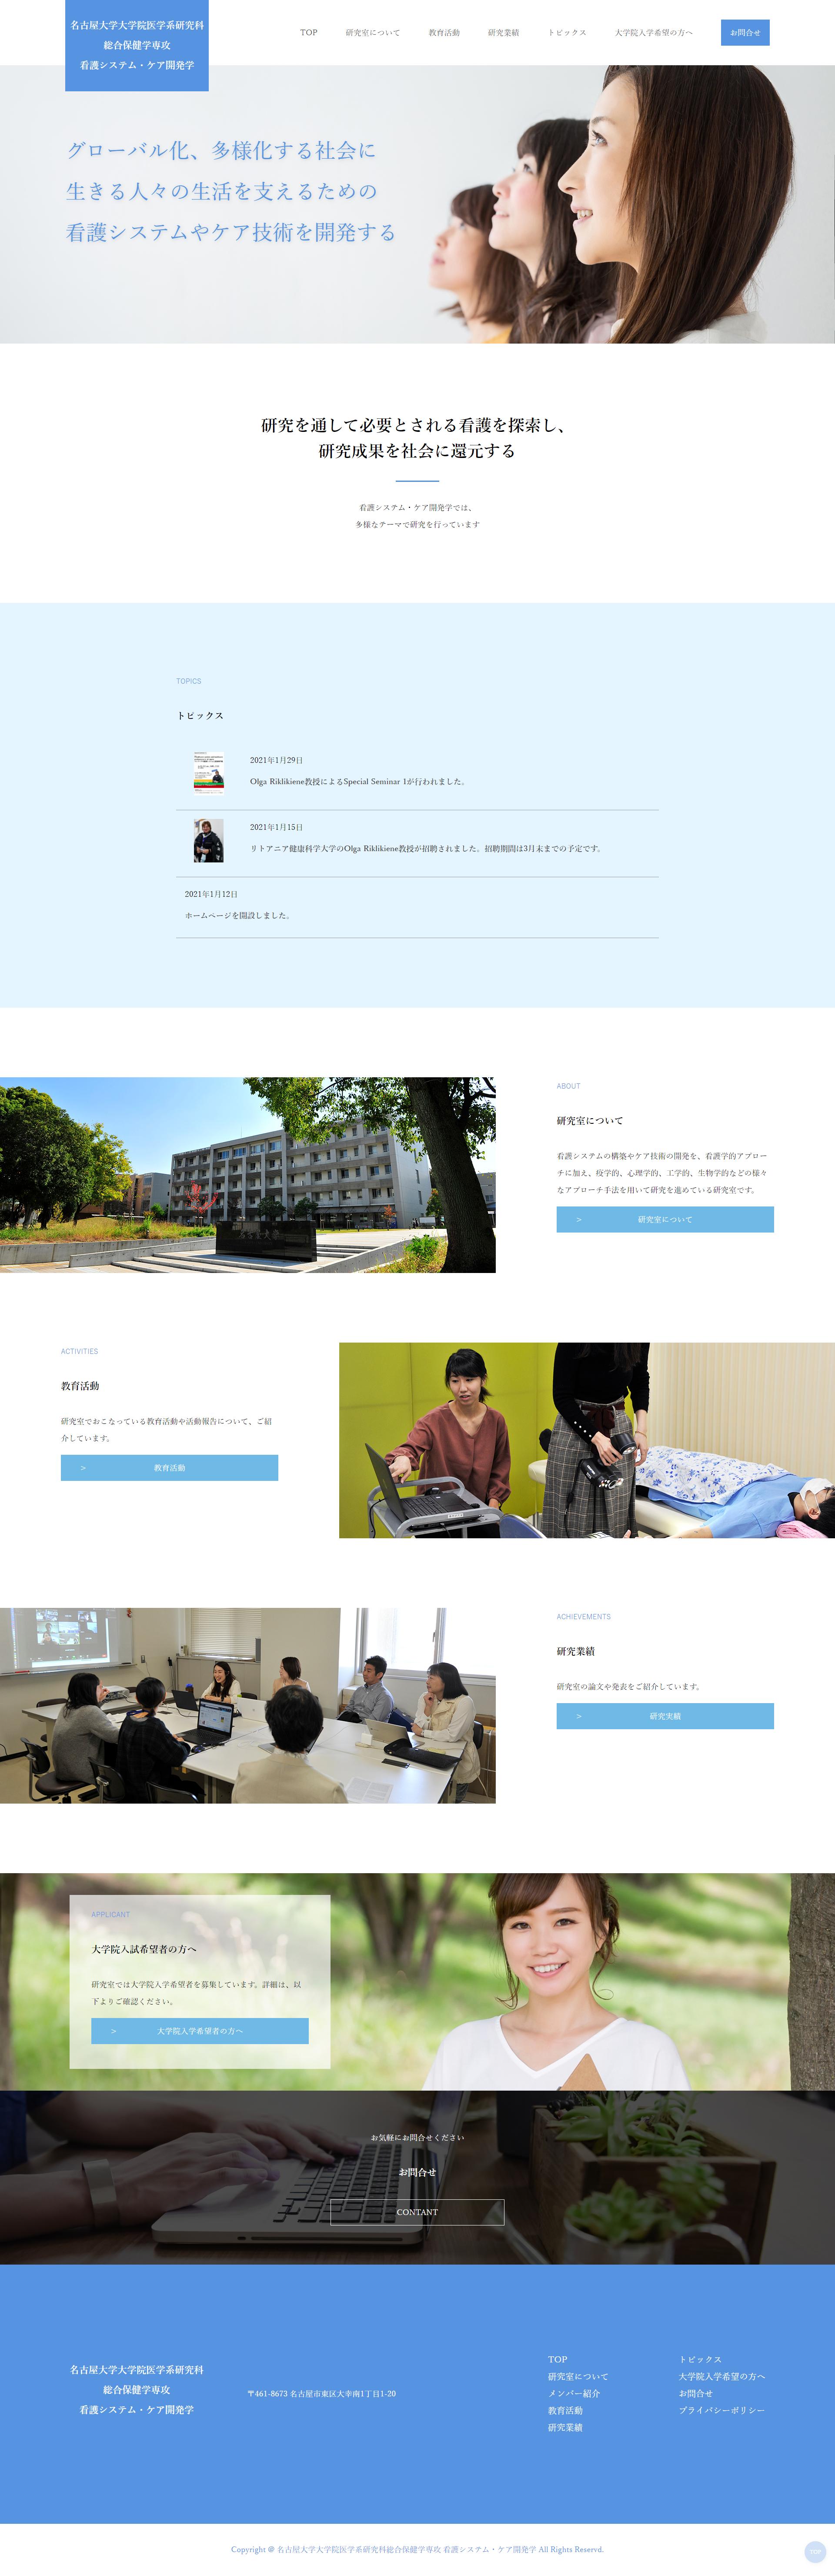 名古屋大学大学院医学系研究科 総合保健学専攻 看護システム・ケア開発学